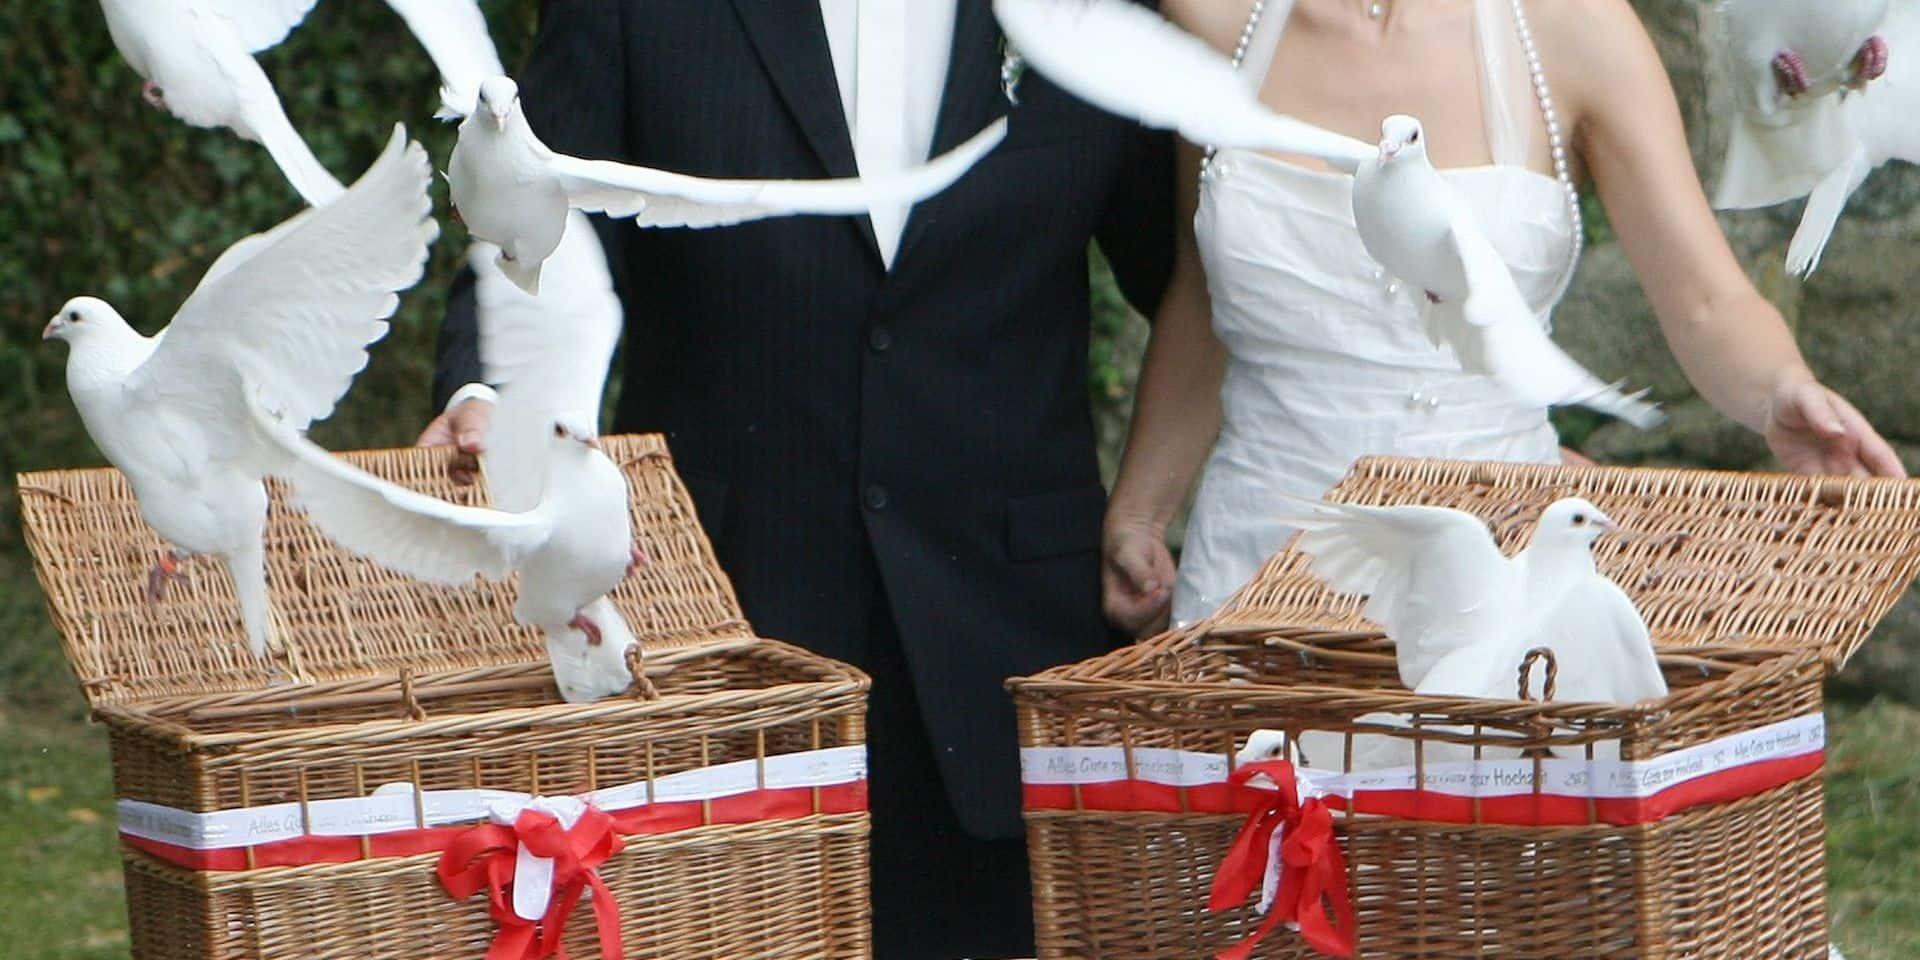 Une première en Belgique à Chapelle-lez-Herlaimont: les lâchers de colombes interdits pour les mariages